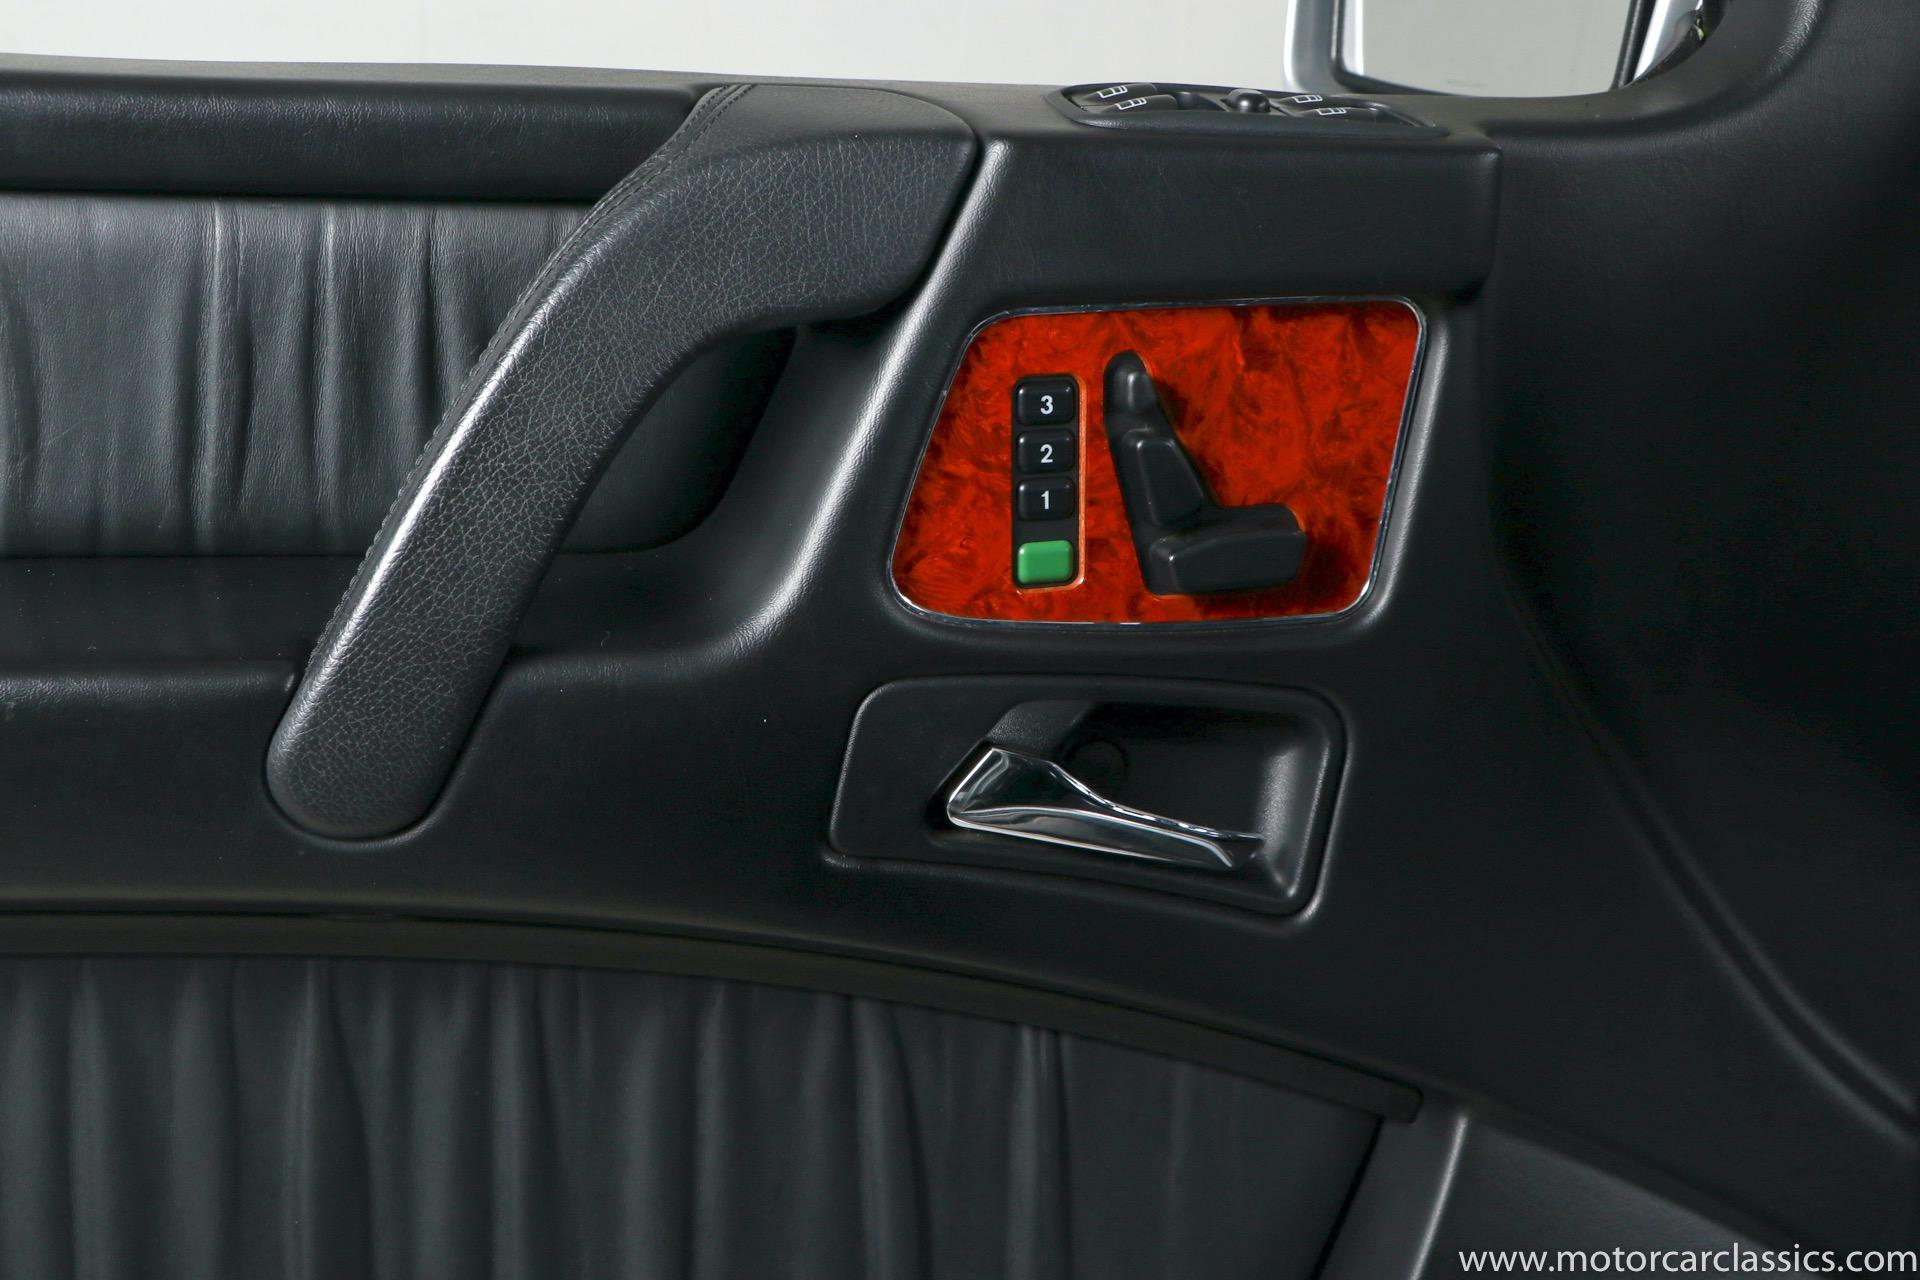 2011 Mercedes-Benz G-Class G 55 AMG